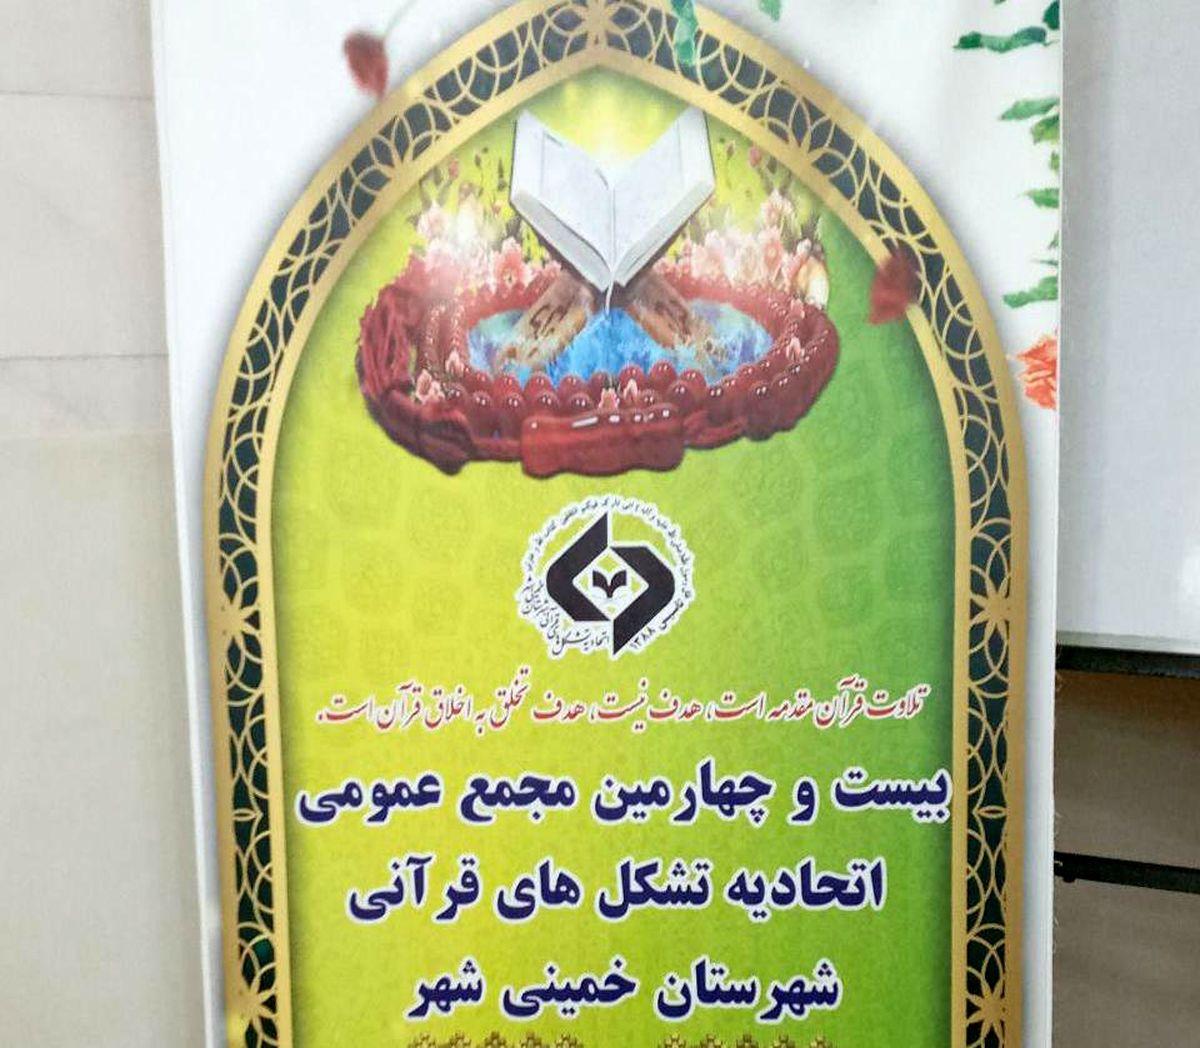 برگزاری بیست و چهارمین مجمع عمومی اتحادیه تشکل های قرآنی در خمینی شهر